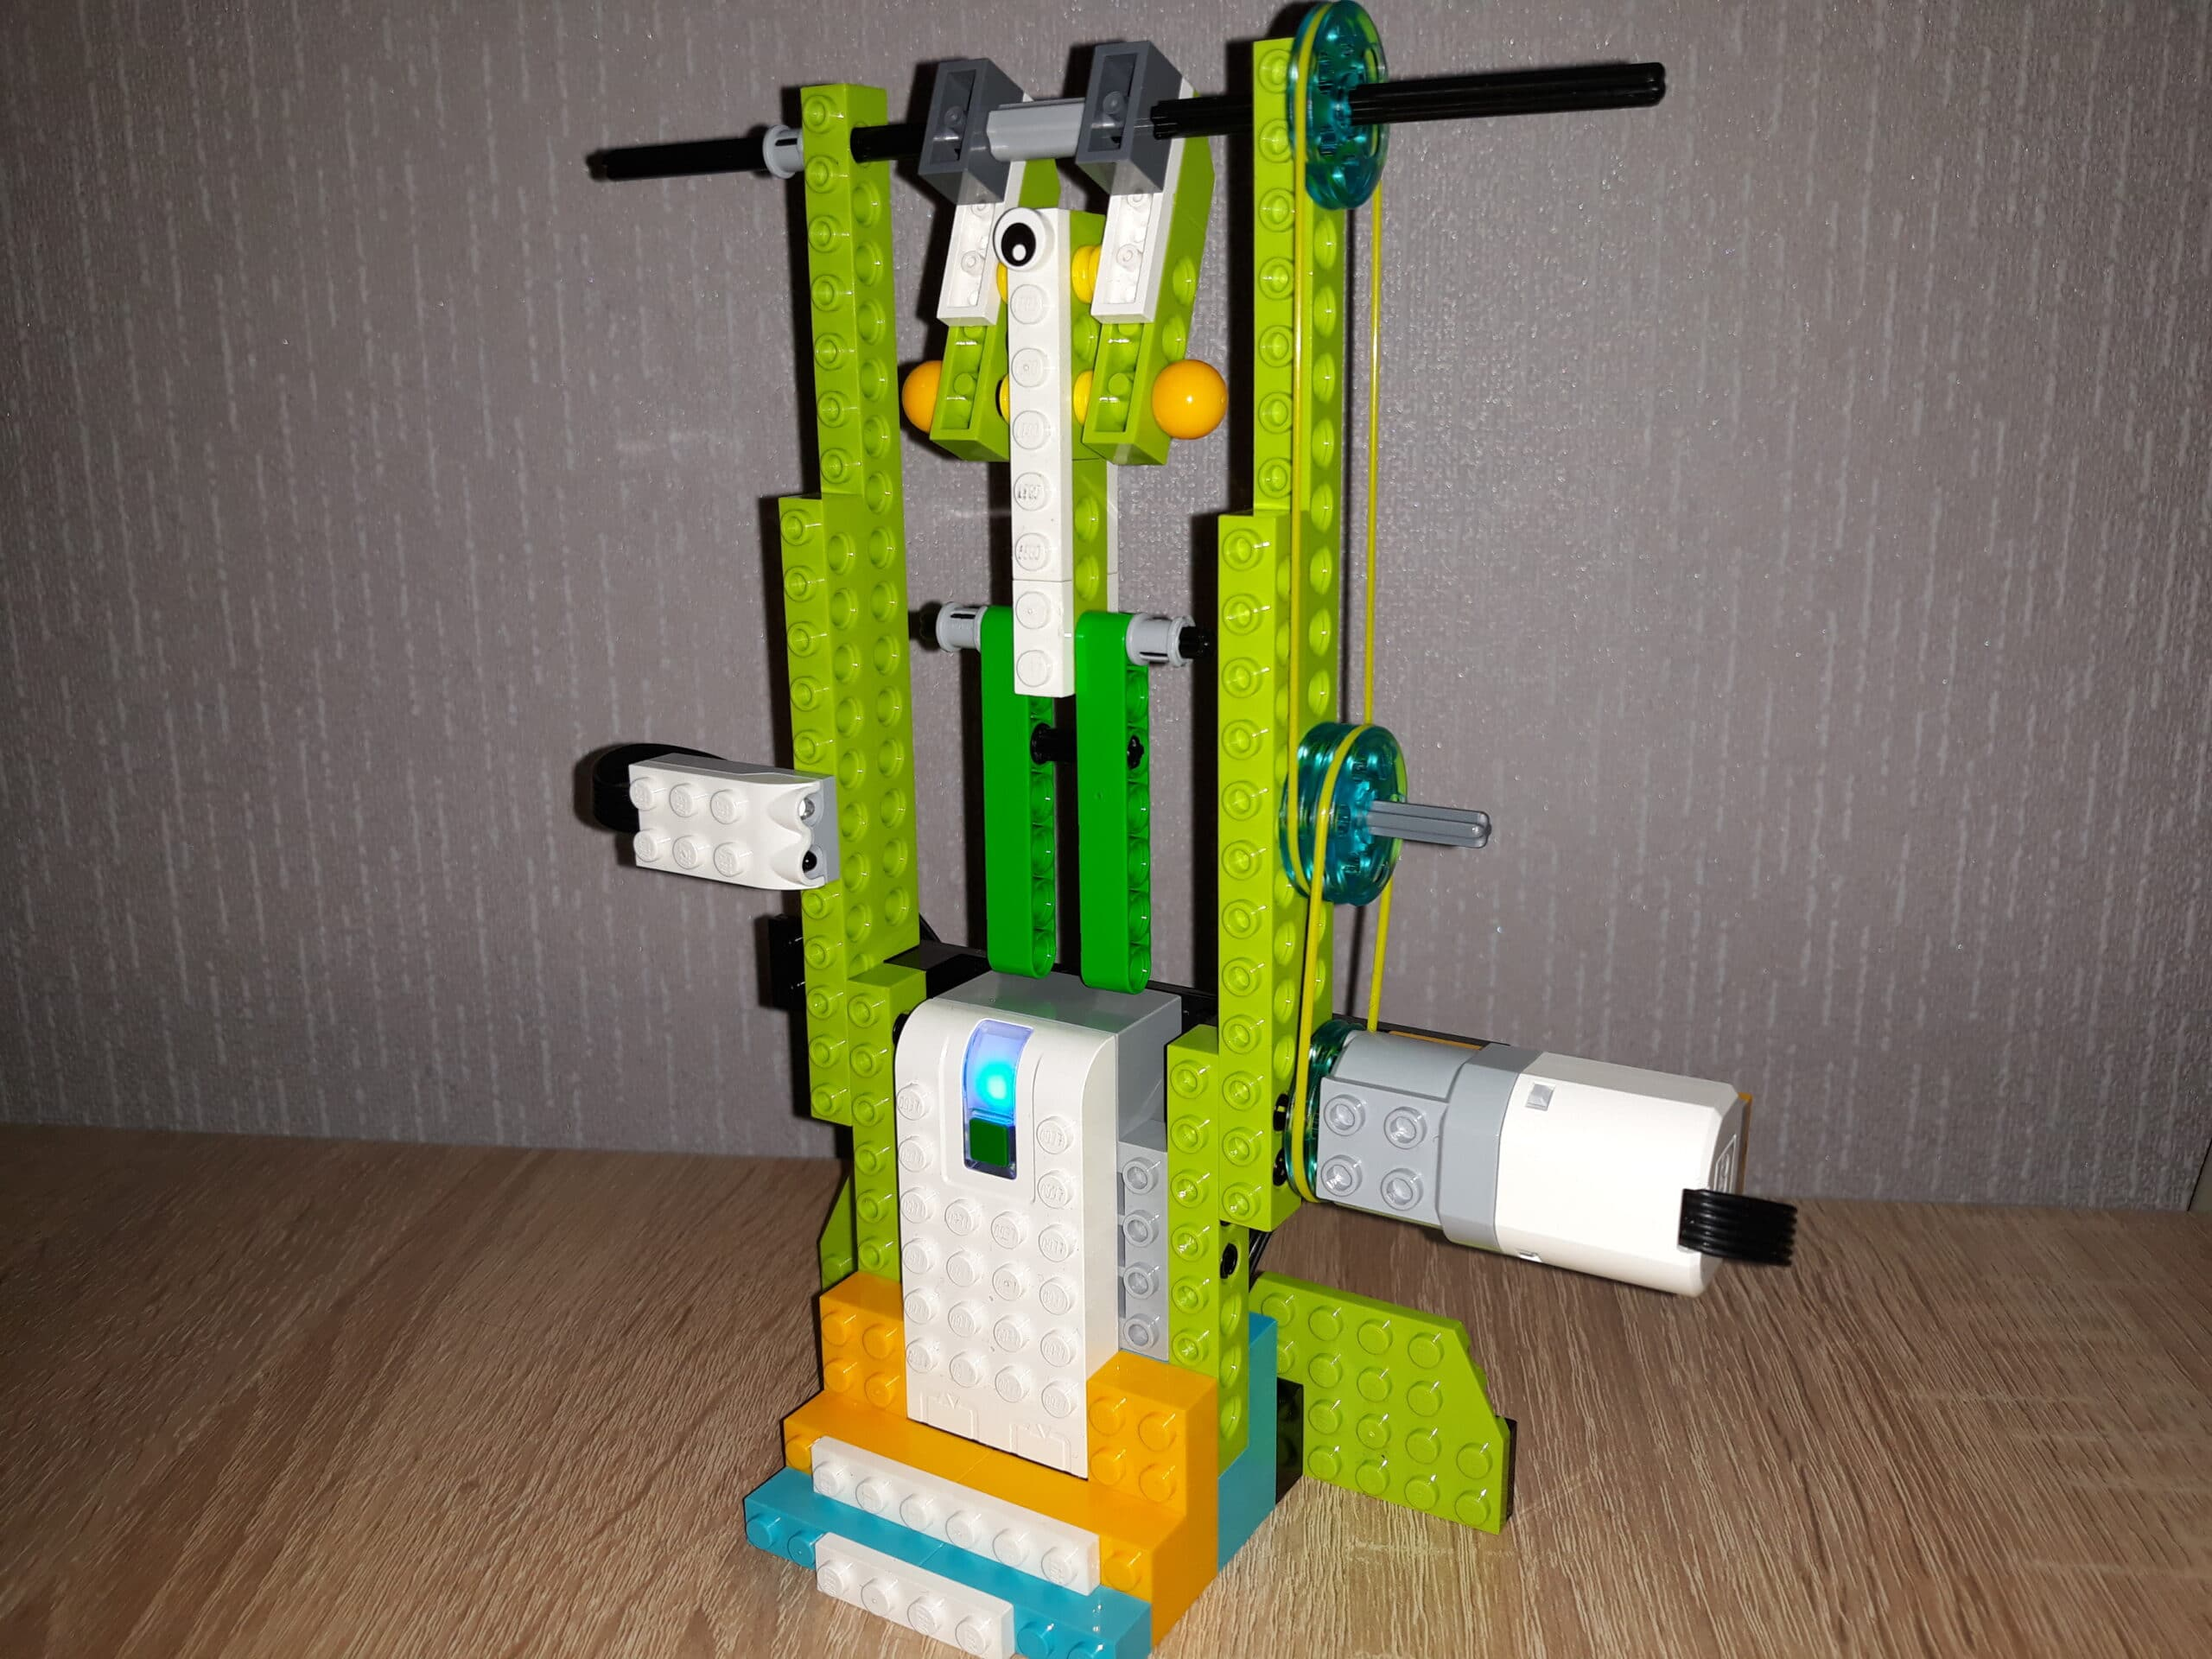 Инструкция по сборке из набора LEGO Education WeDo 2.0 Гимнаст